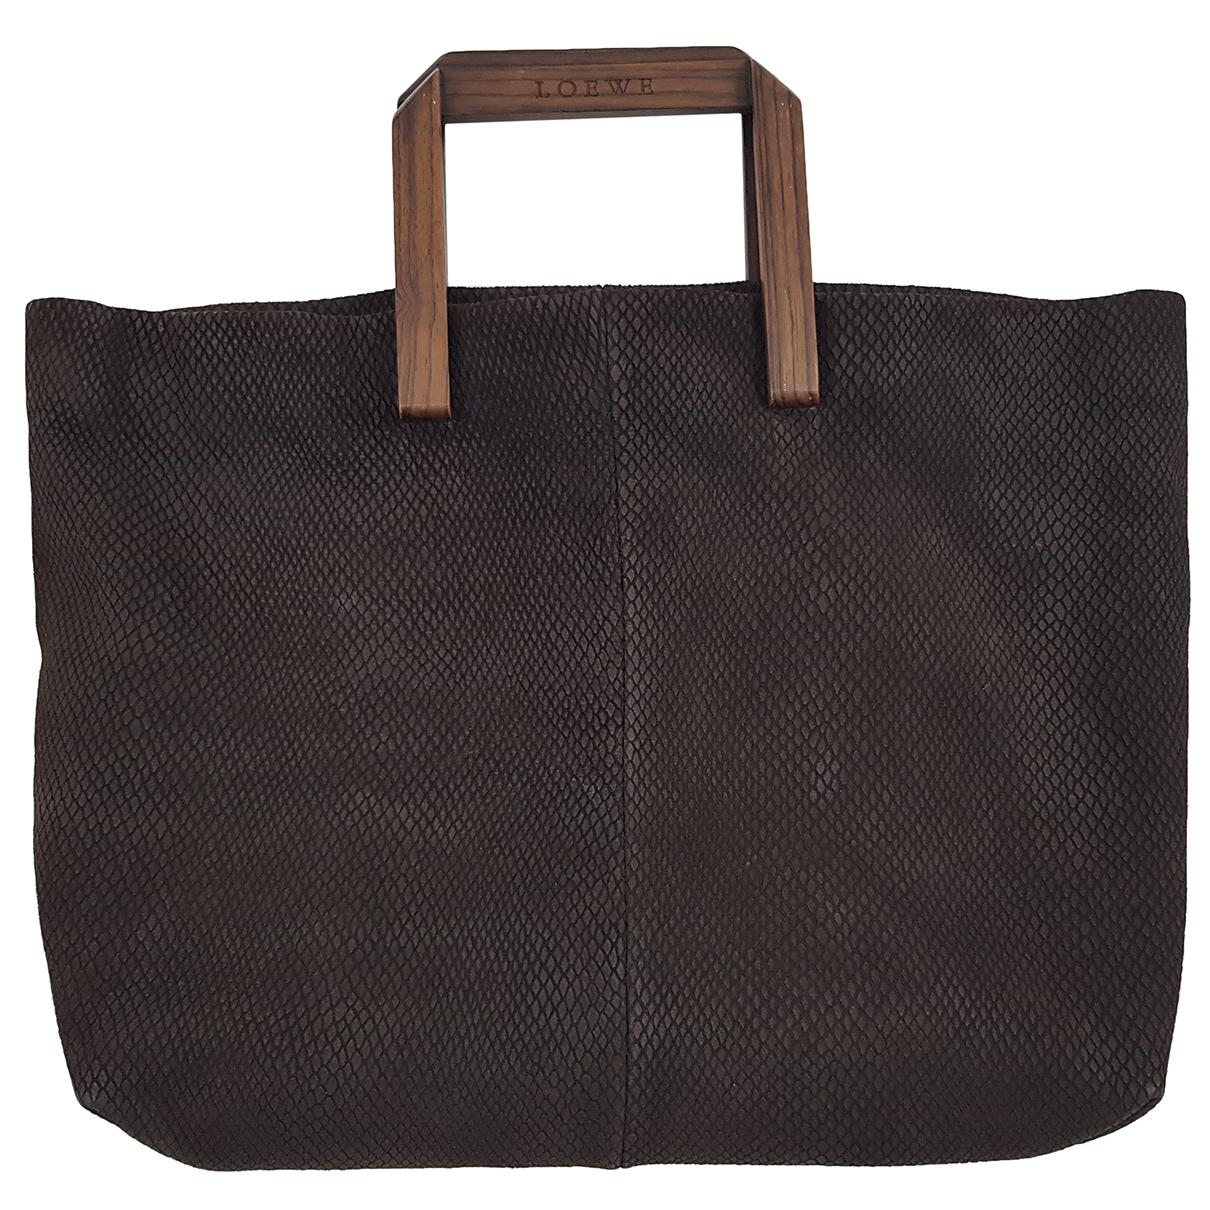 Loewe \N Brown Suede handbag for Women \N